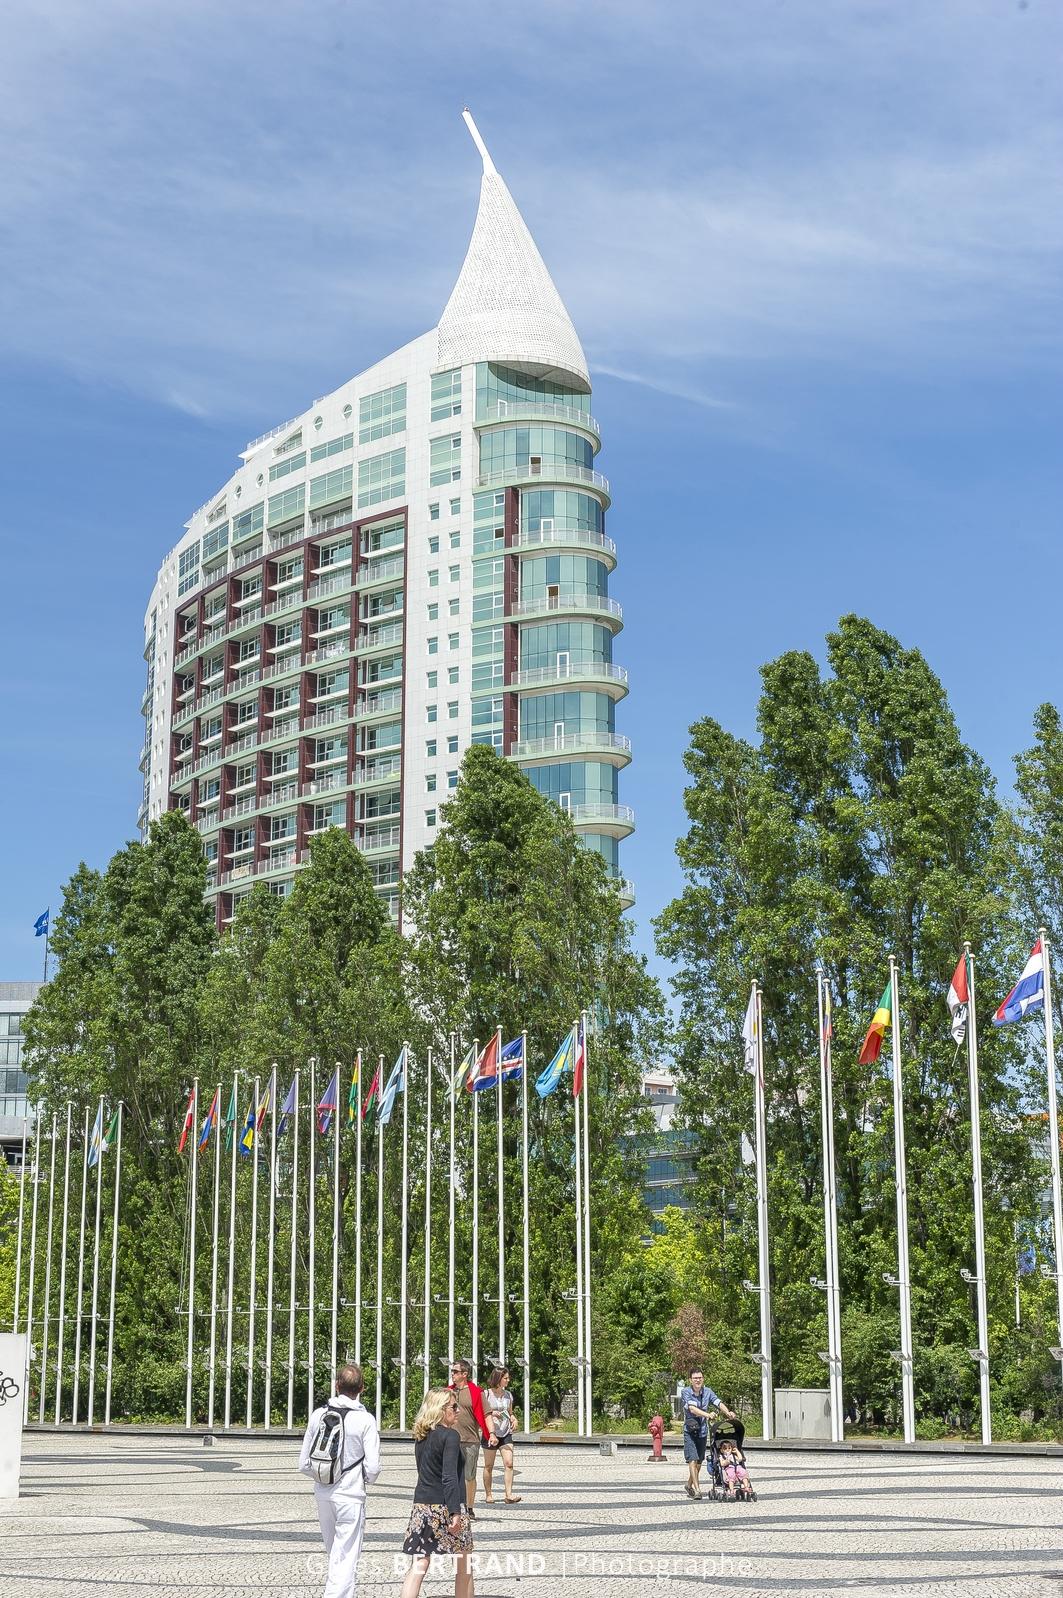 LISBONNE - Le quartier des Nations construit pour l'exposition universelle de 1998